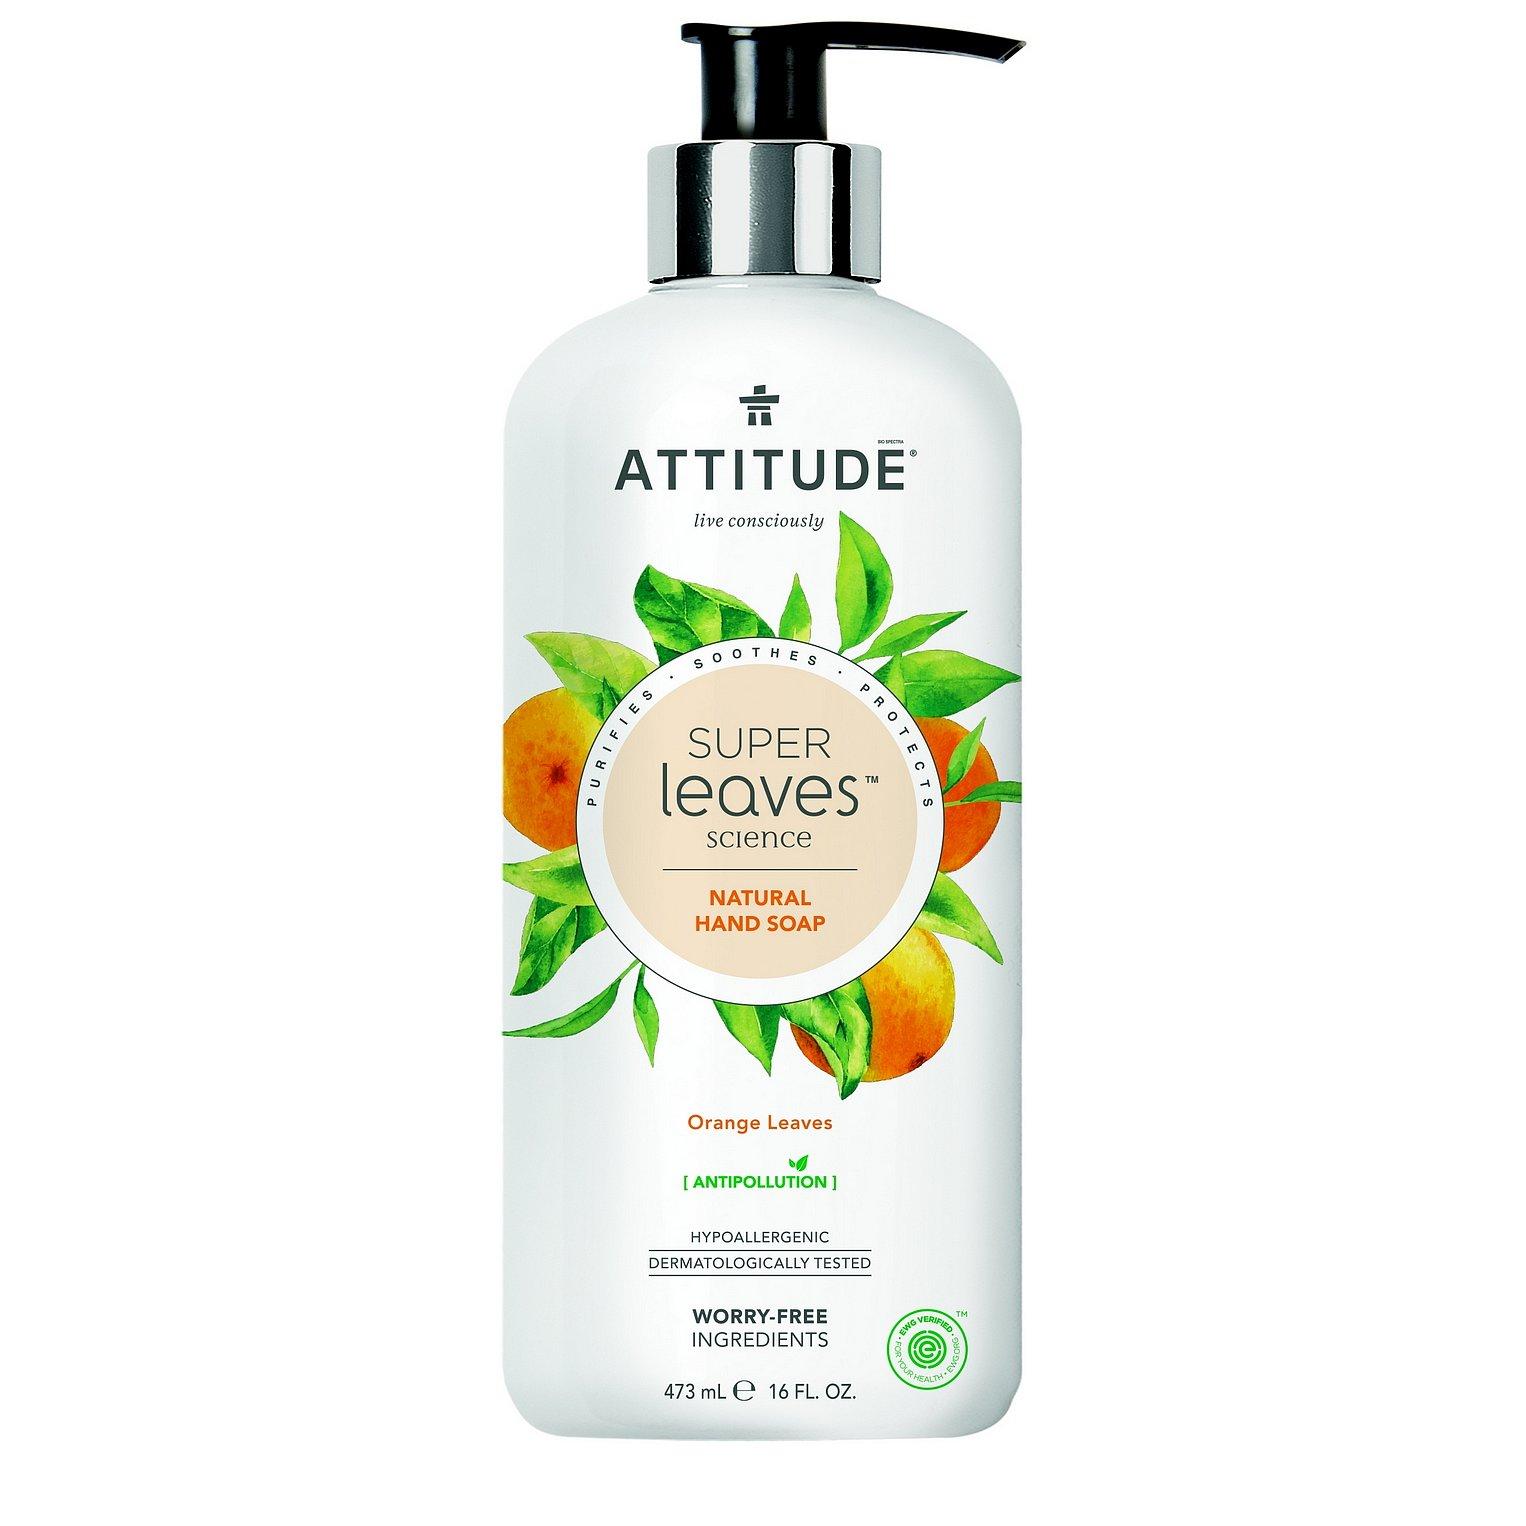 ATTITUDE Přírodní mýdlo na ruce Super leaves s detoxikačním účinkem – pomerančové listy 473 ml